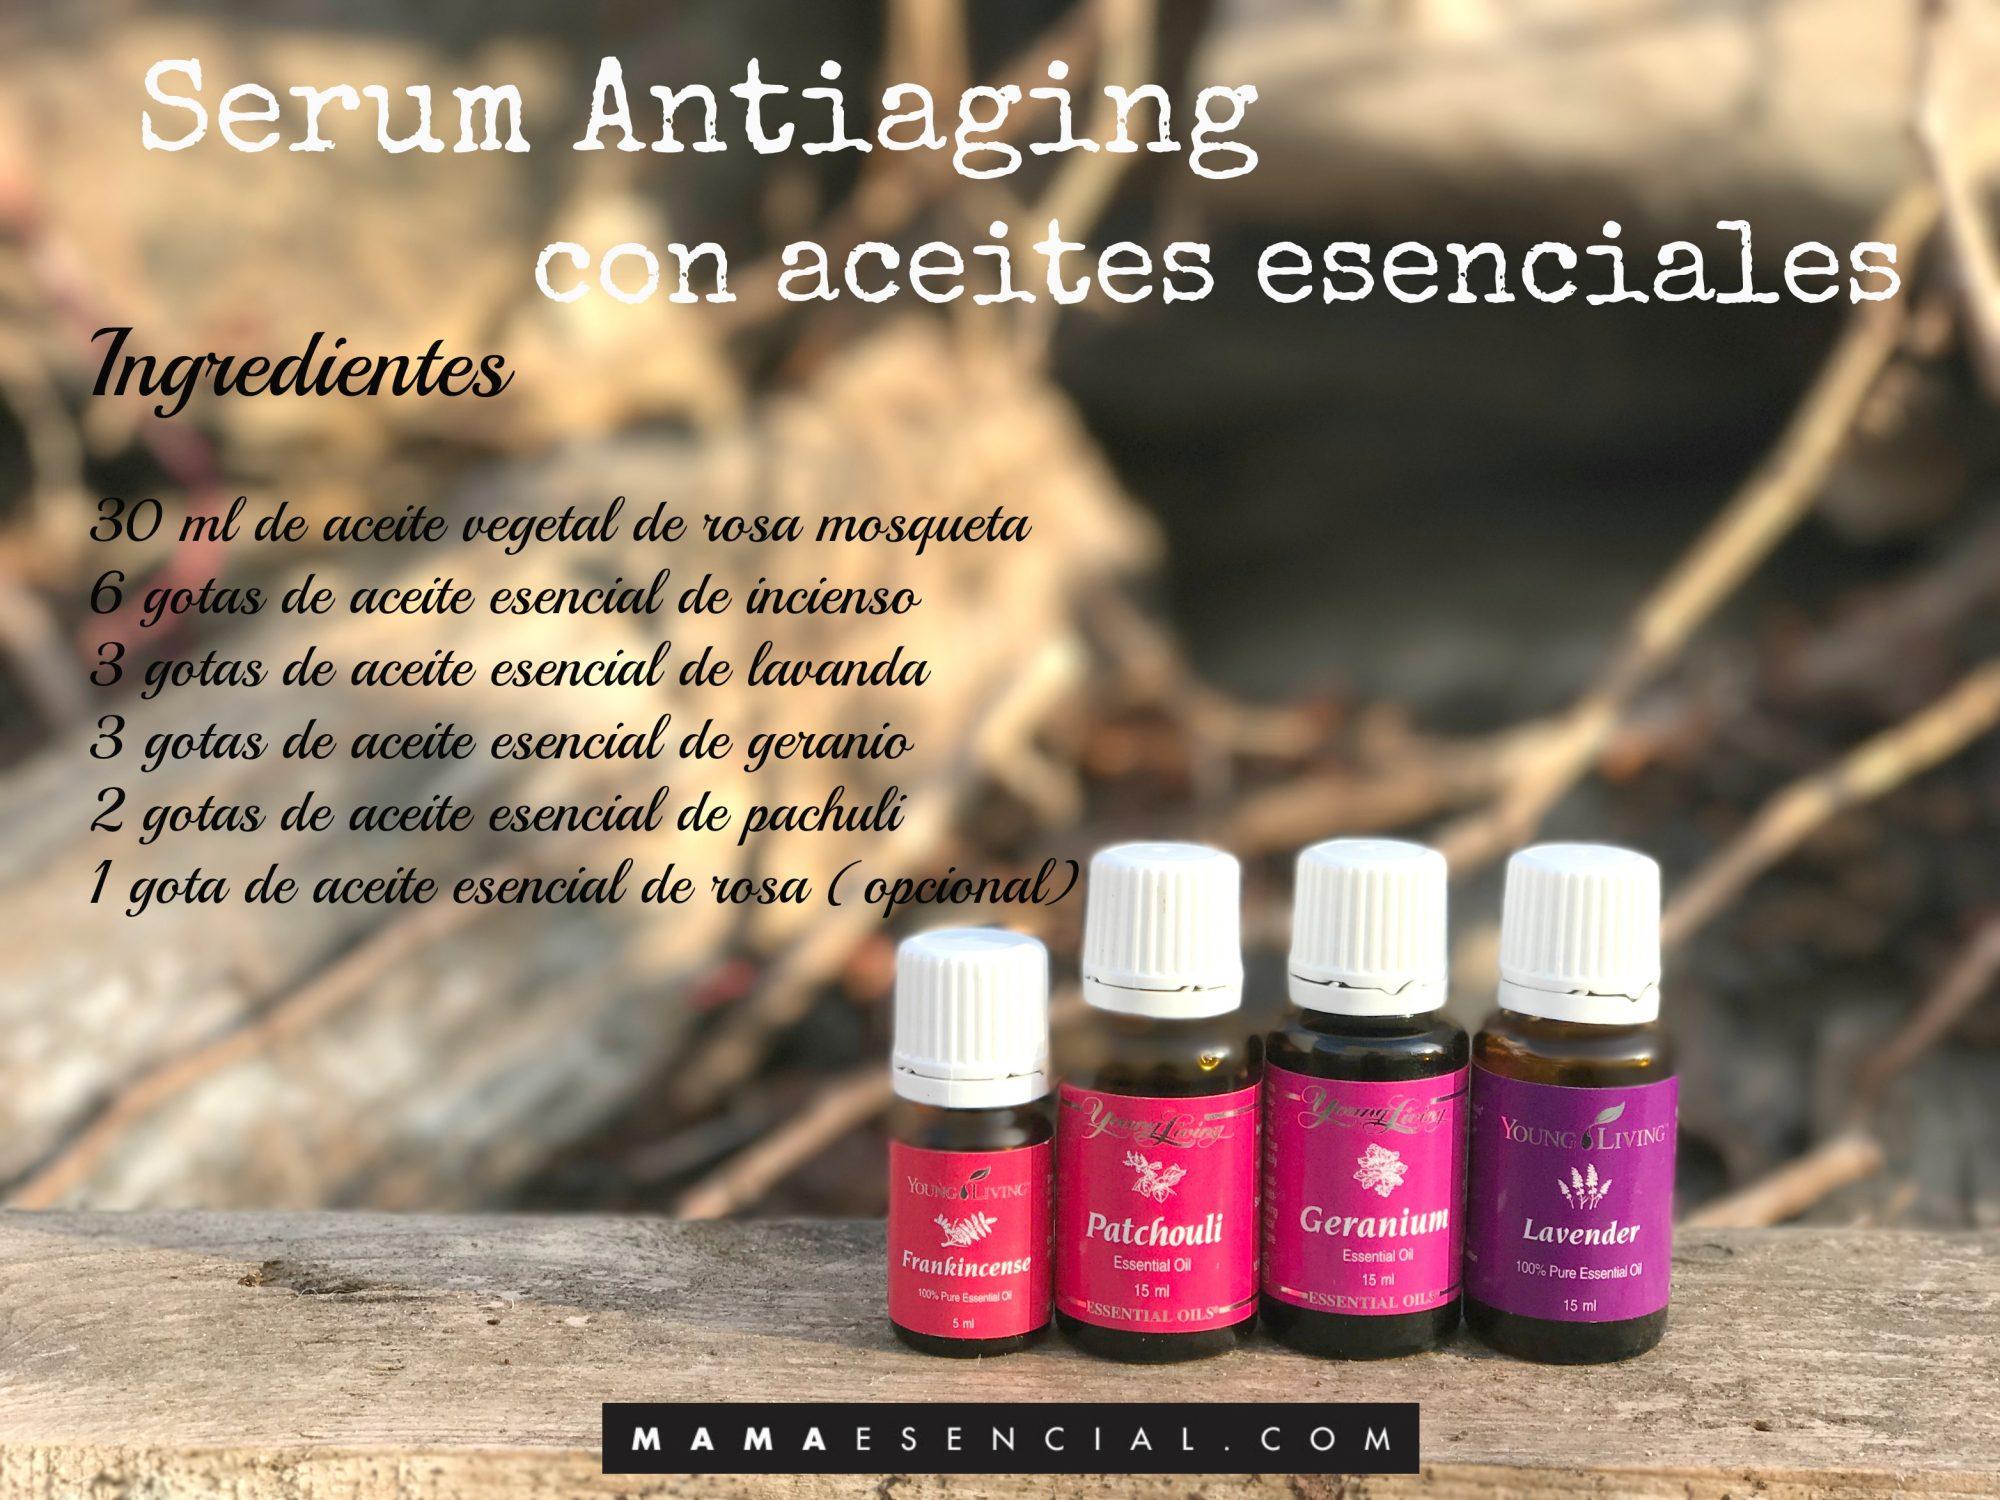 serum antiaging